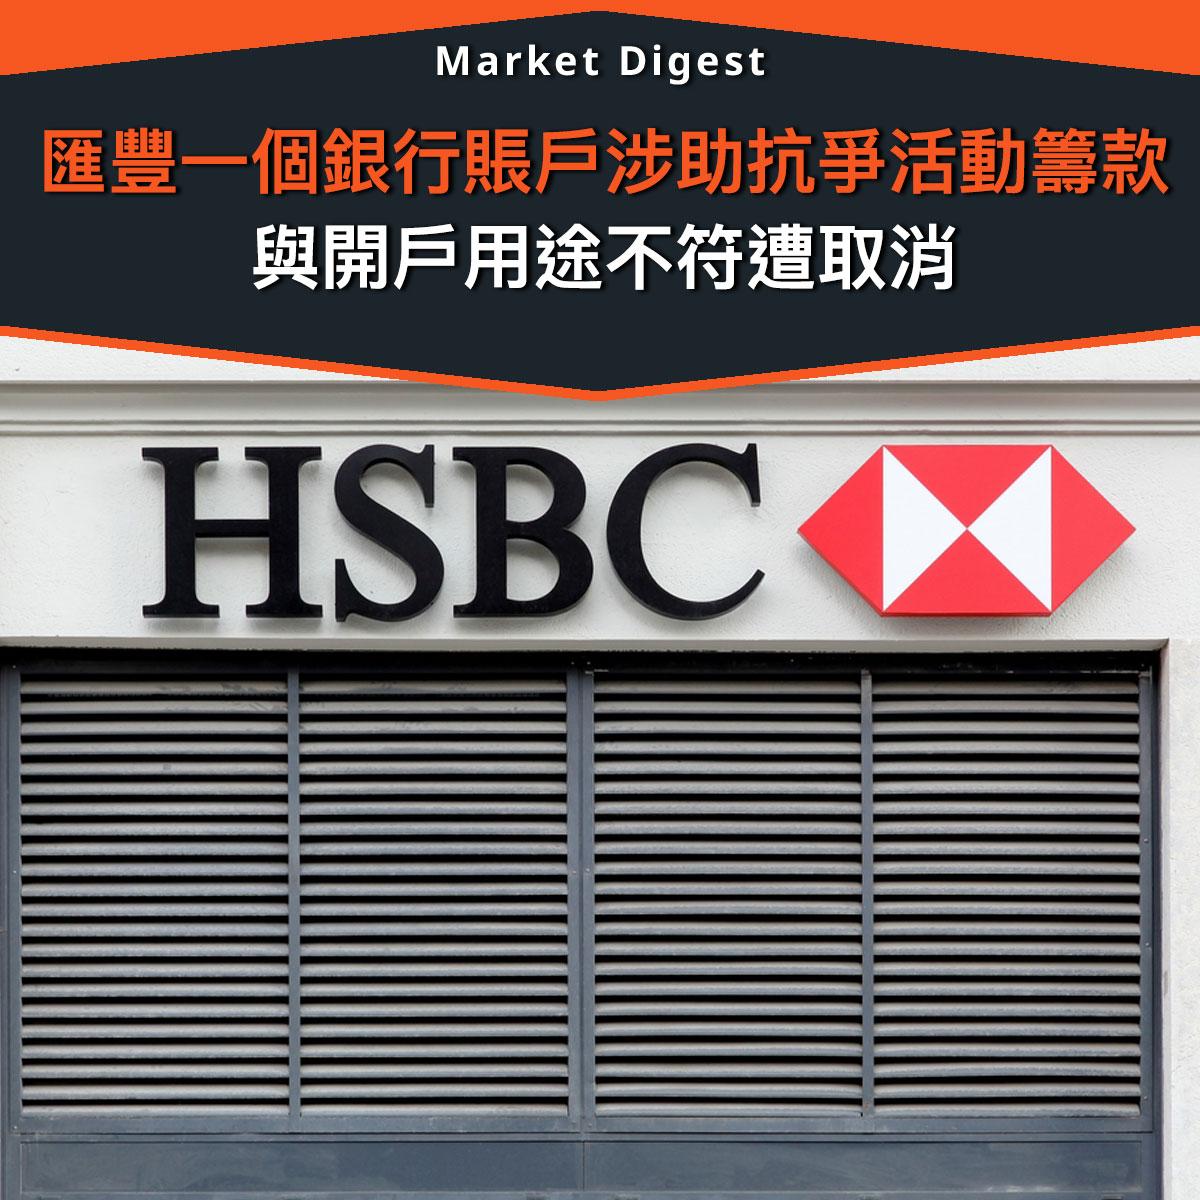 【市場熱話】匯豐一個銀行賬戶涉助抗爭活動籌款,與開戶用途不符遭取消